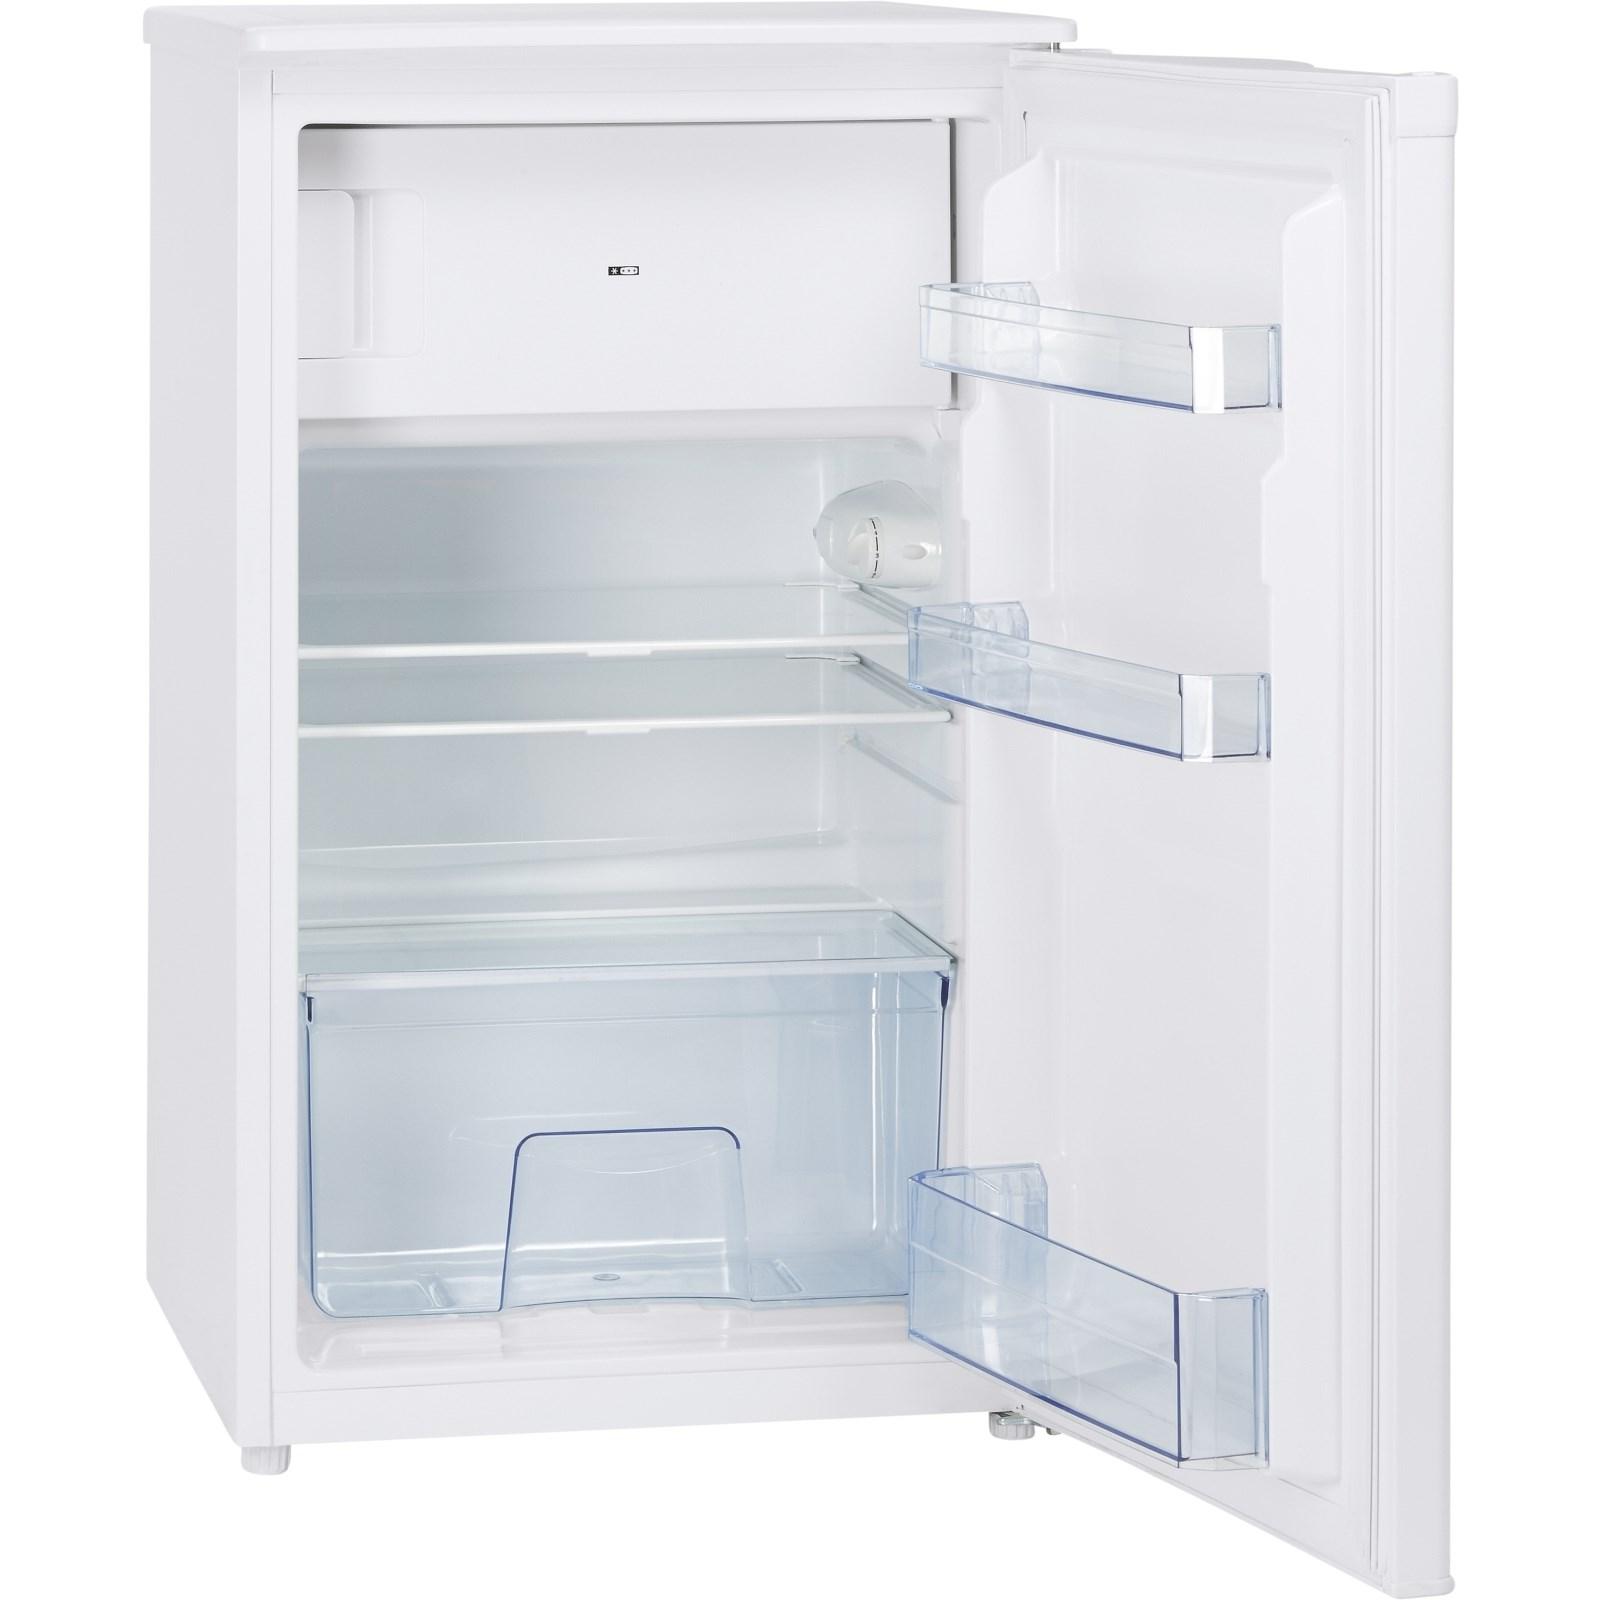 Kühlschrank Prima Vista A++ 104 l - Weisswaren - LANDI